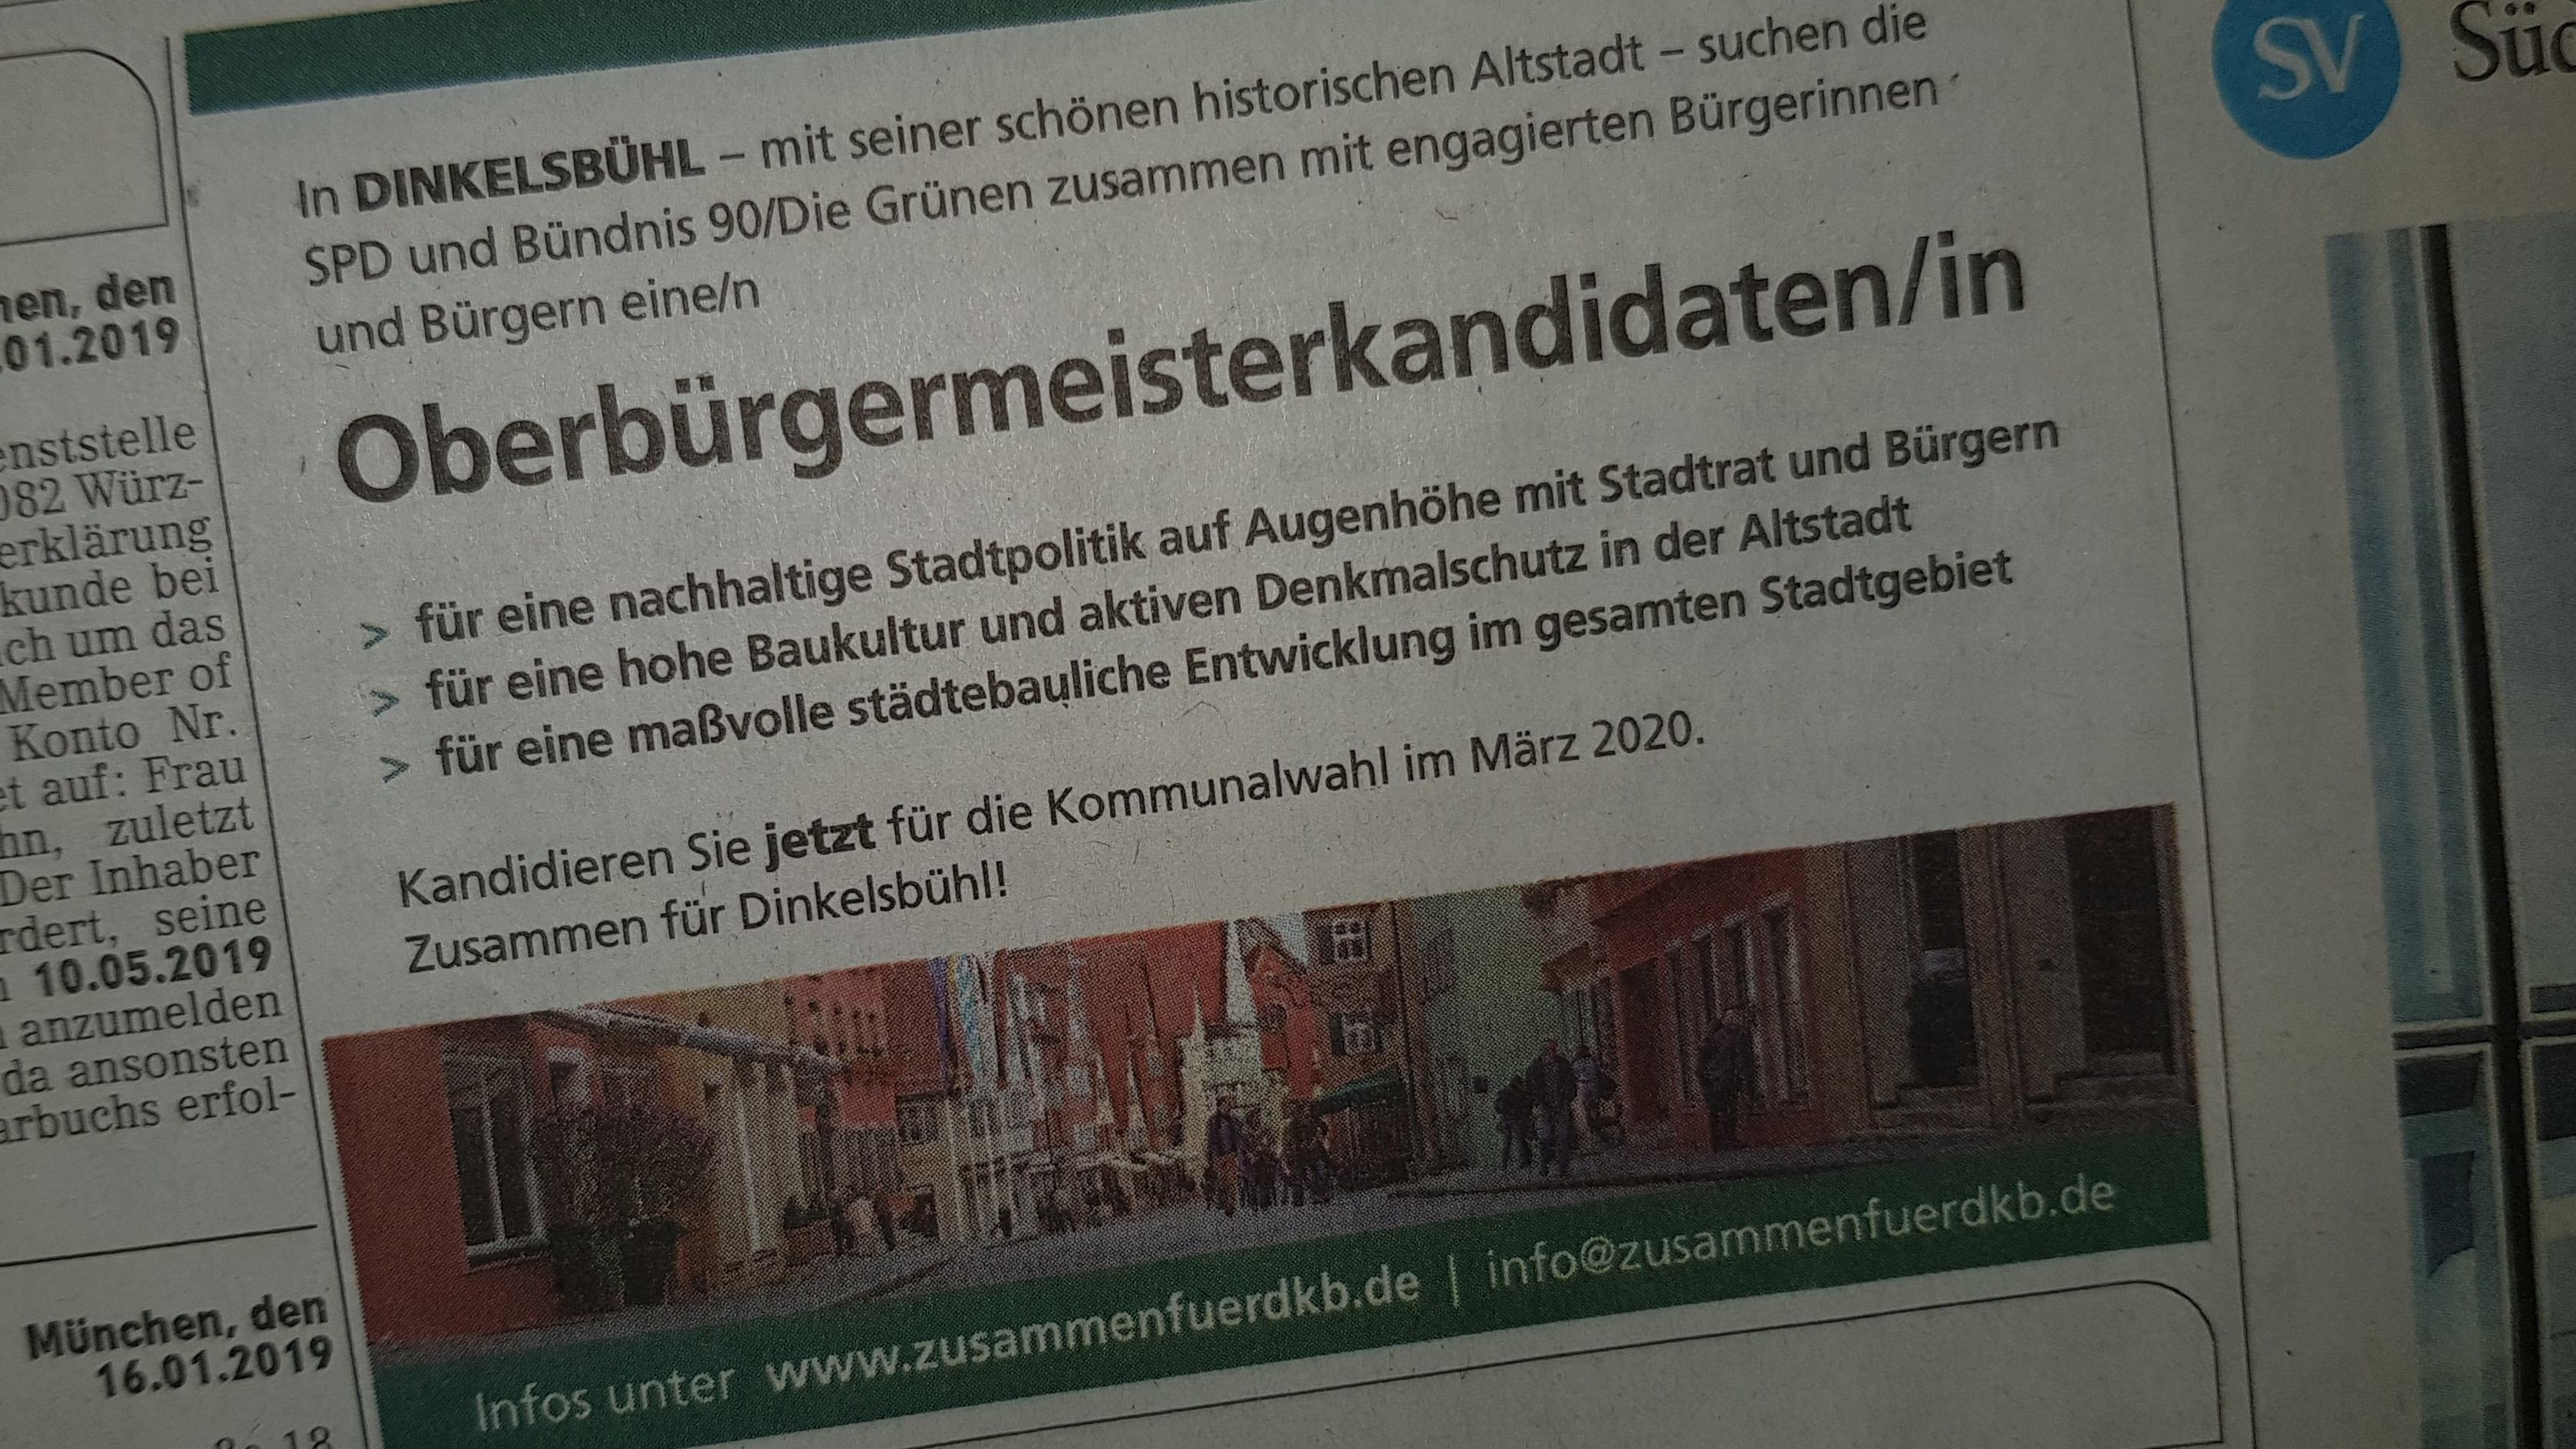 """Zeitungsanzeige von """"Zusammen für DKB"""" in der Süddeutschen Zeitung (Ausgabe vom 19.01.2019)"""